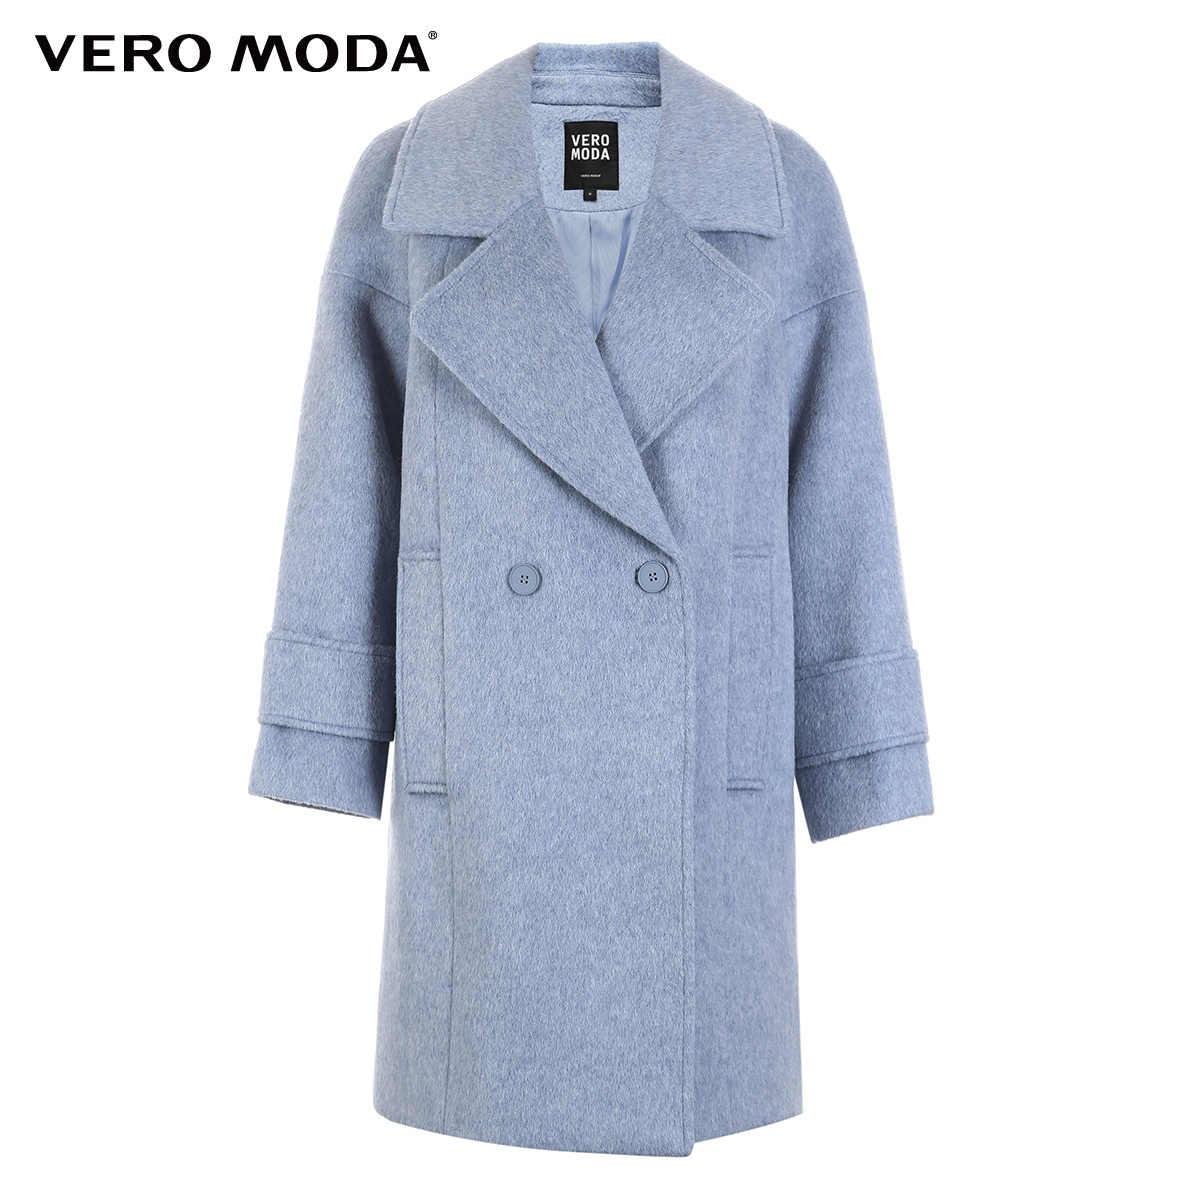 معطف نسائي من Vero Moda بكتف منسدل وطويل من الصوف الخالص | 318327518